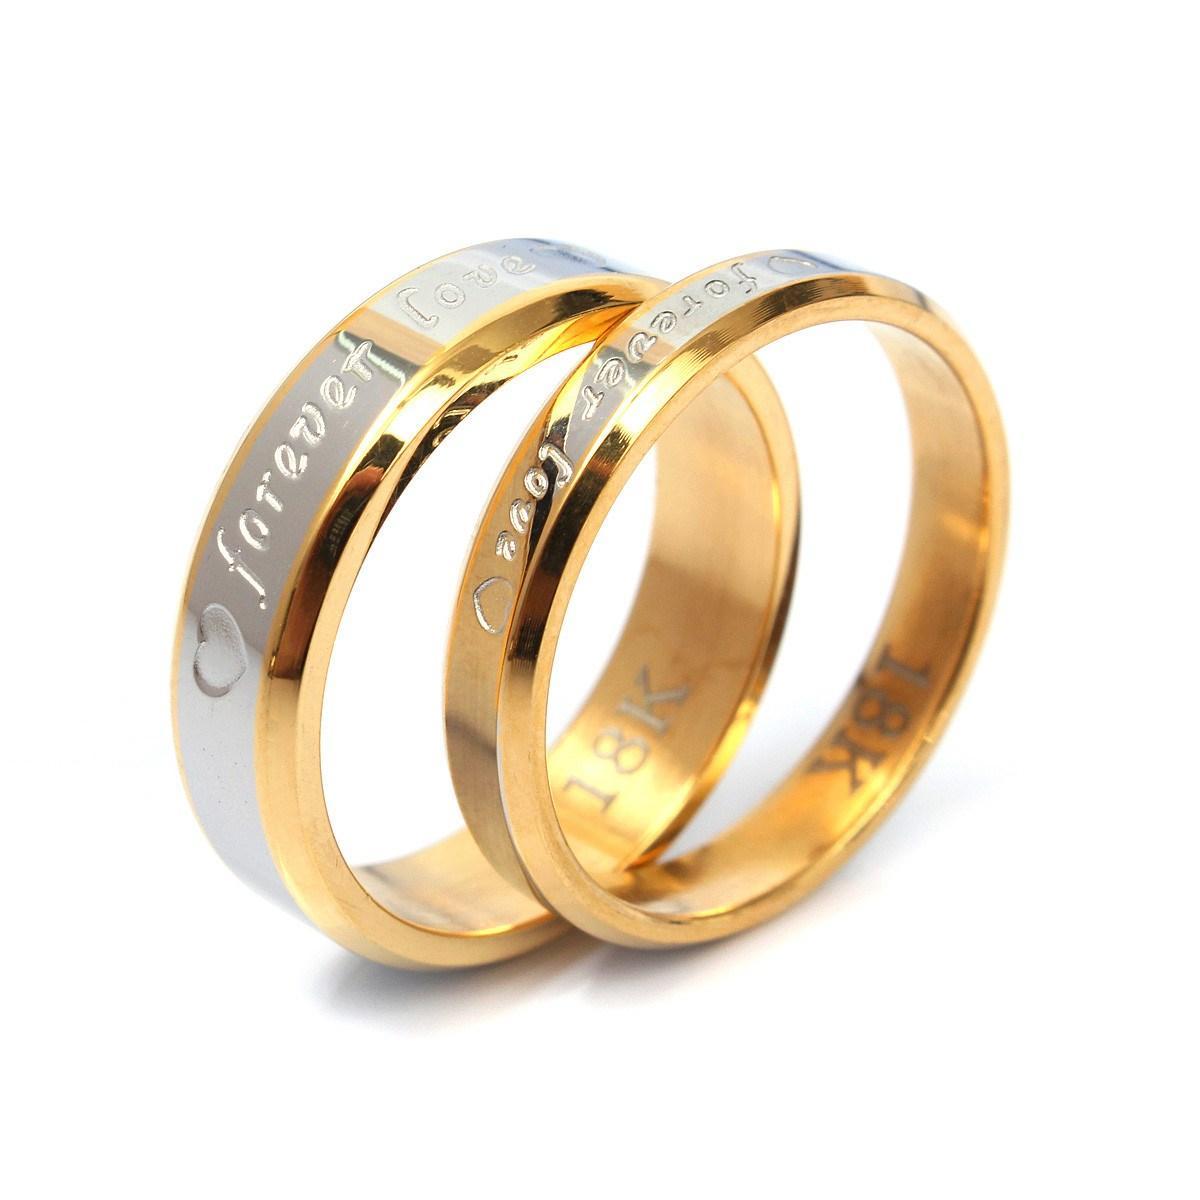 2017 New Couple Rings For Men Women Forever Love Ring 18k Silver ...